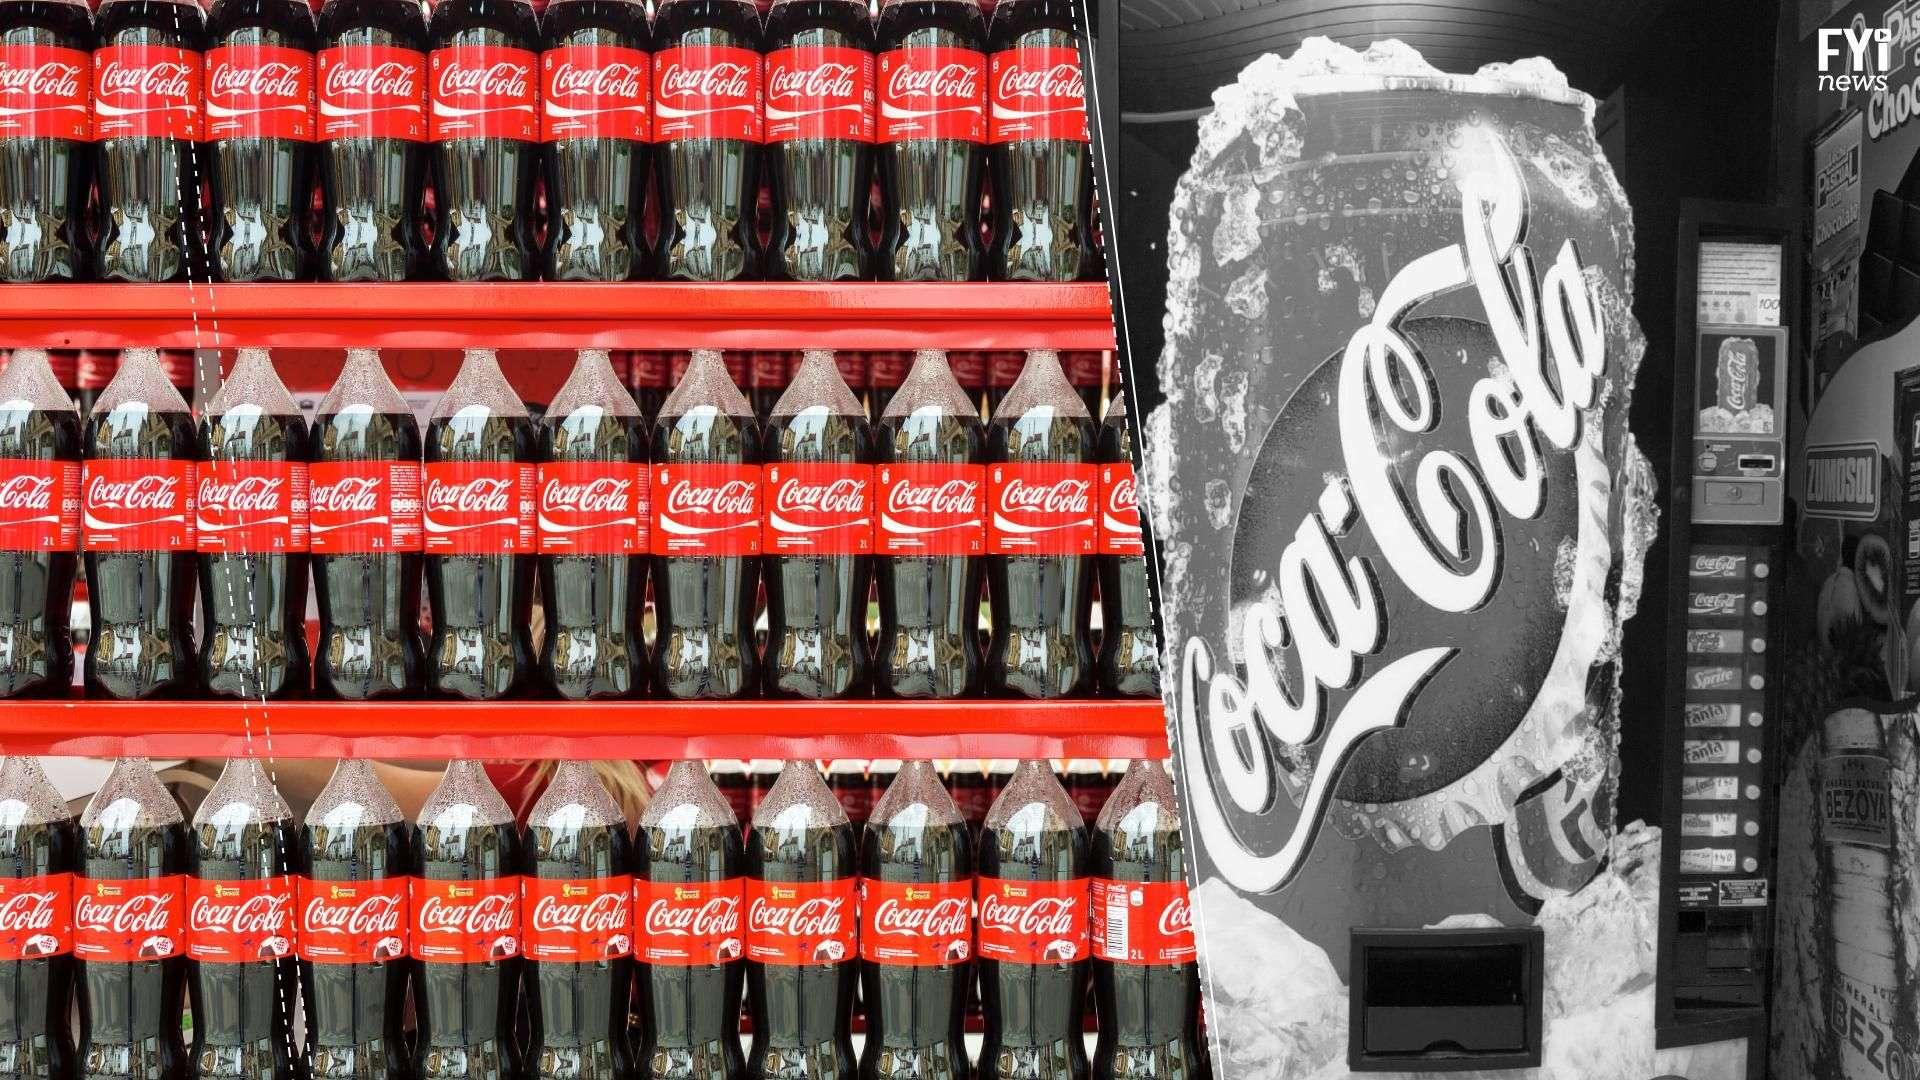 Achados dejetos humanos em latas de Coca-Cola na Irlanda